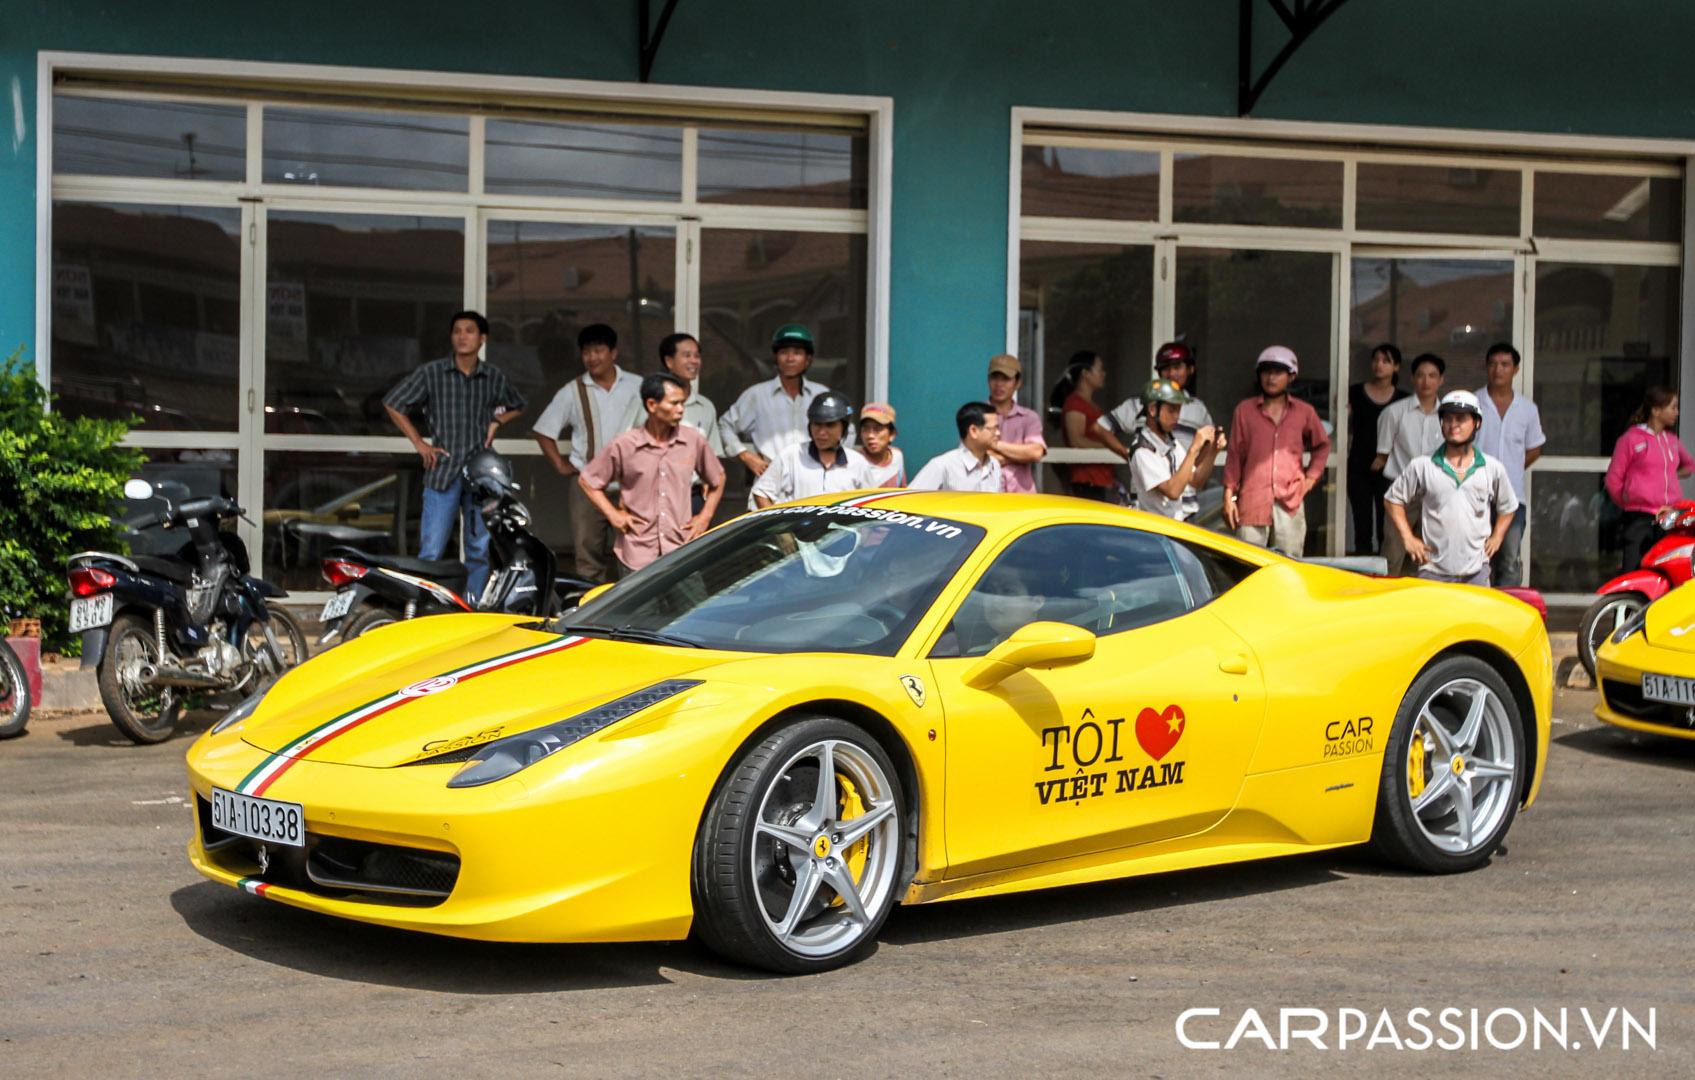 CP-Hành trình siêu xe CarPassion 2011 (129).jpg